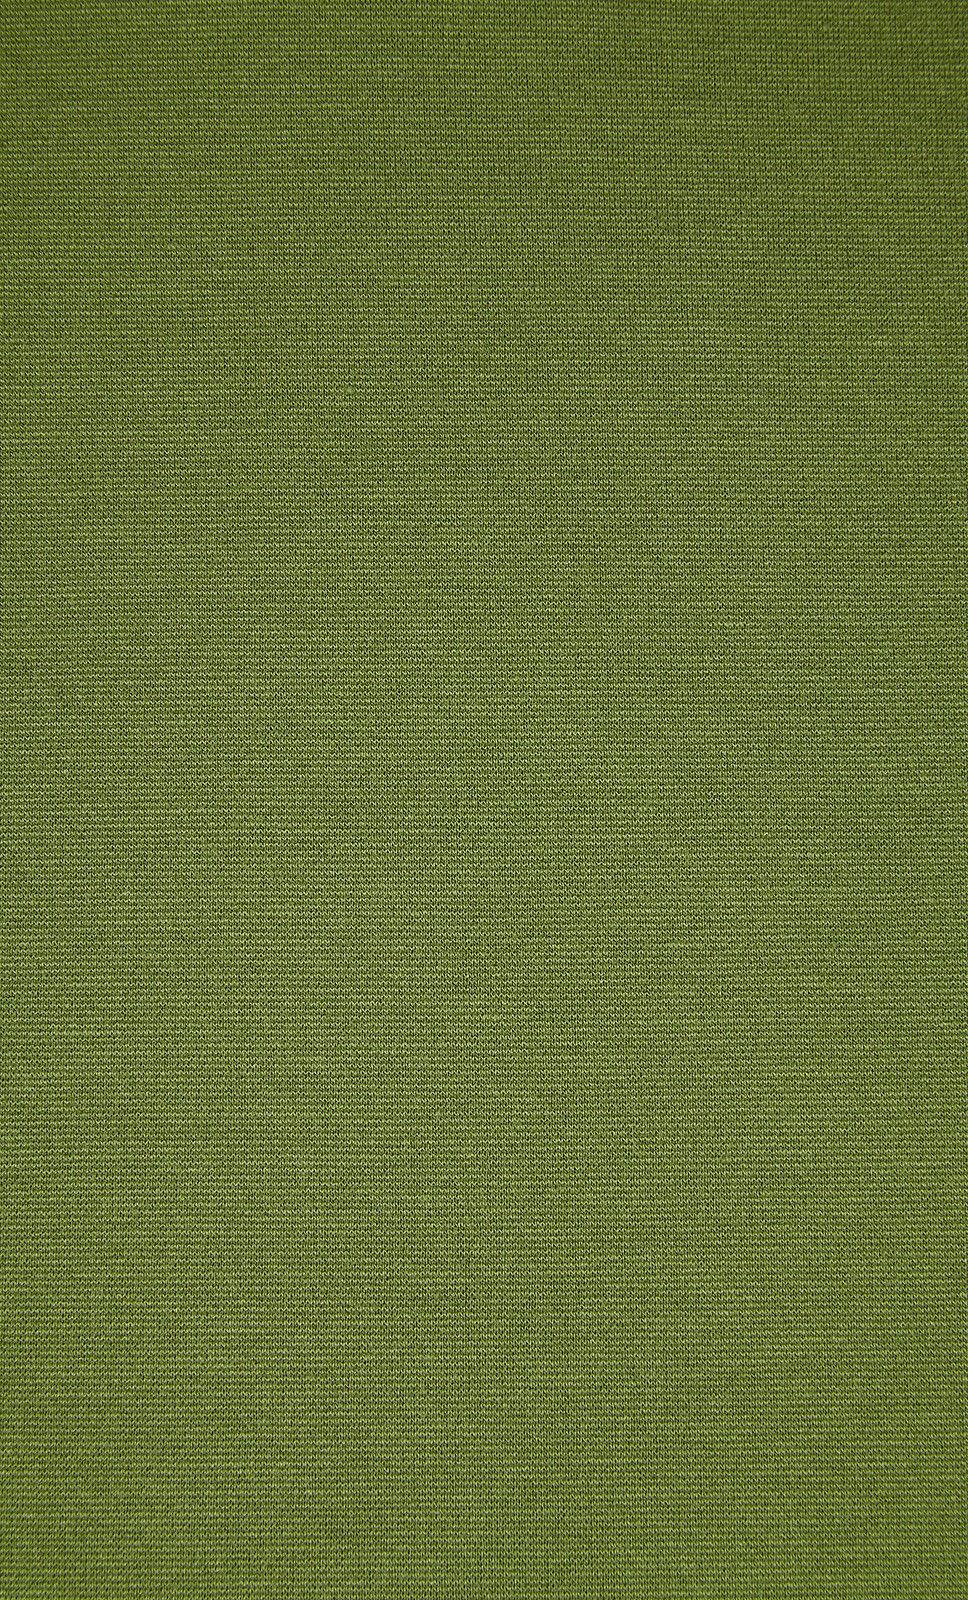 Milano-Uni-Oasis-Green